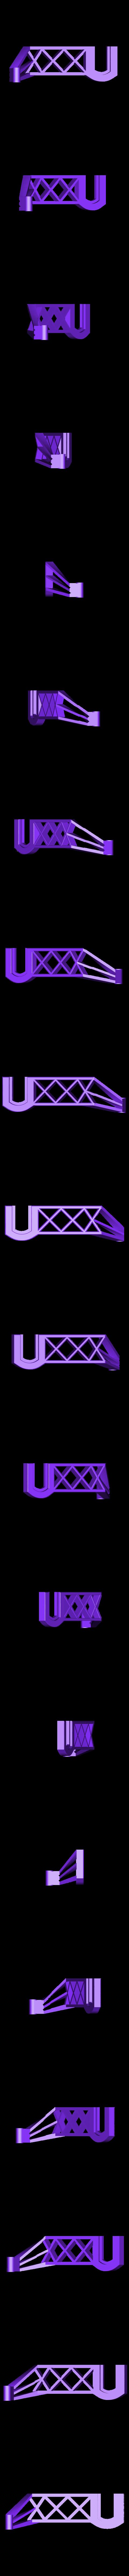 Side-spool-Arm-Right-2017.stl Télécharger fichier STL gratuit Porte-bobine latéral pour Flashforge • Plan pour imprimante 3D, itech3dp